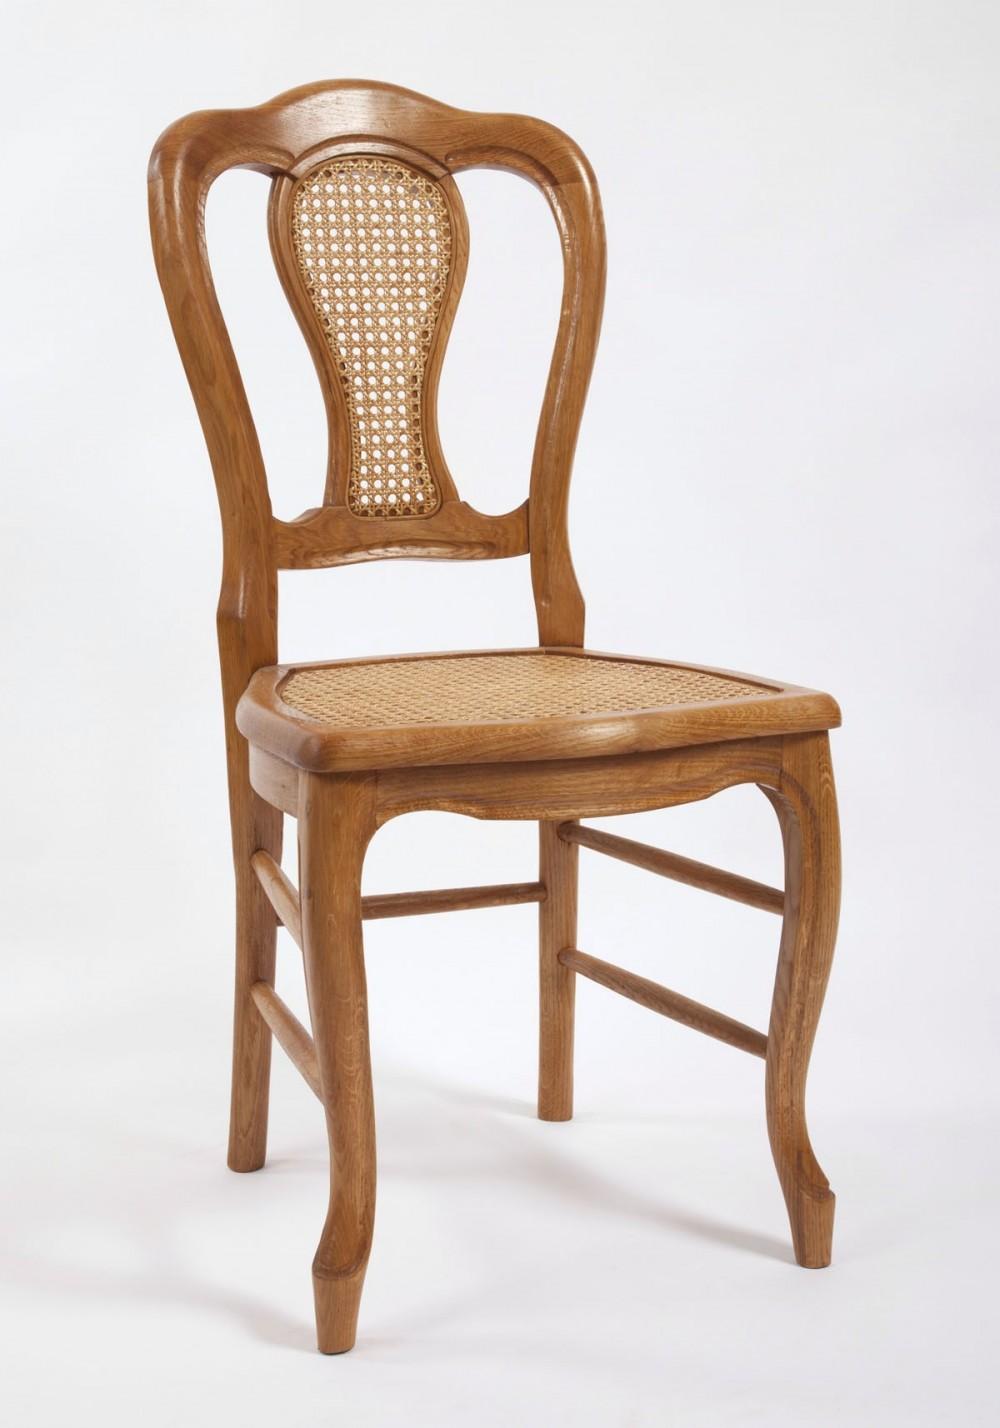 chaise de salle tr fle cann et dossier cann en ch ne merisier ou noyer la chaise artisanale. Black Bedroom Furniture Sets. Home Design Ideas